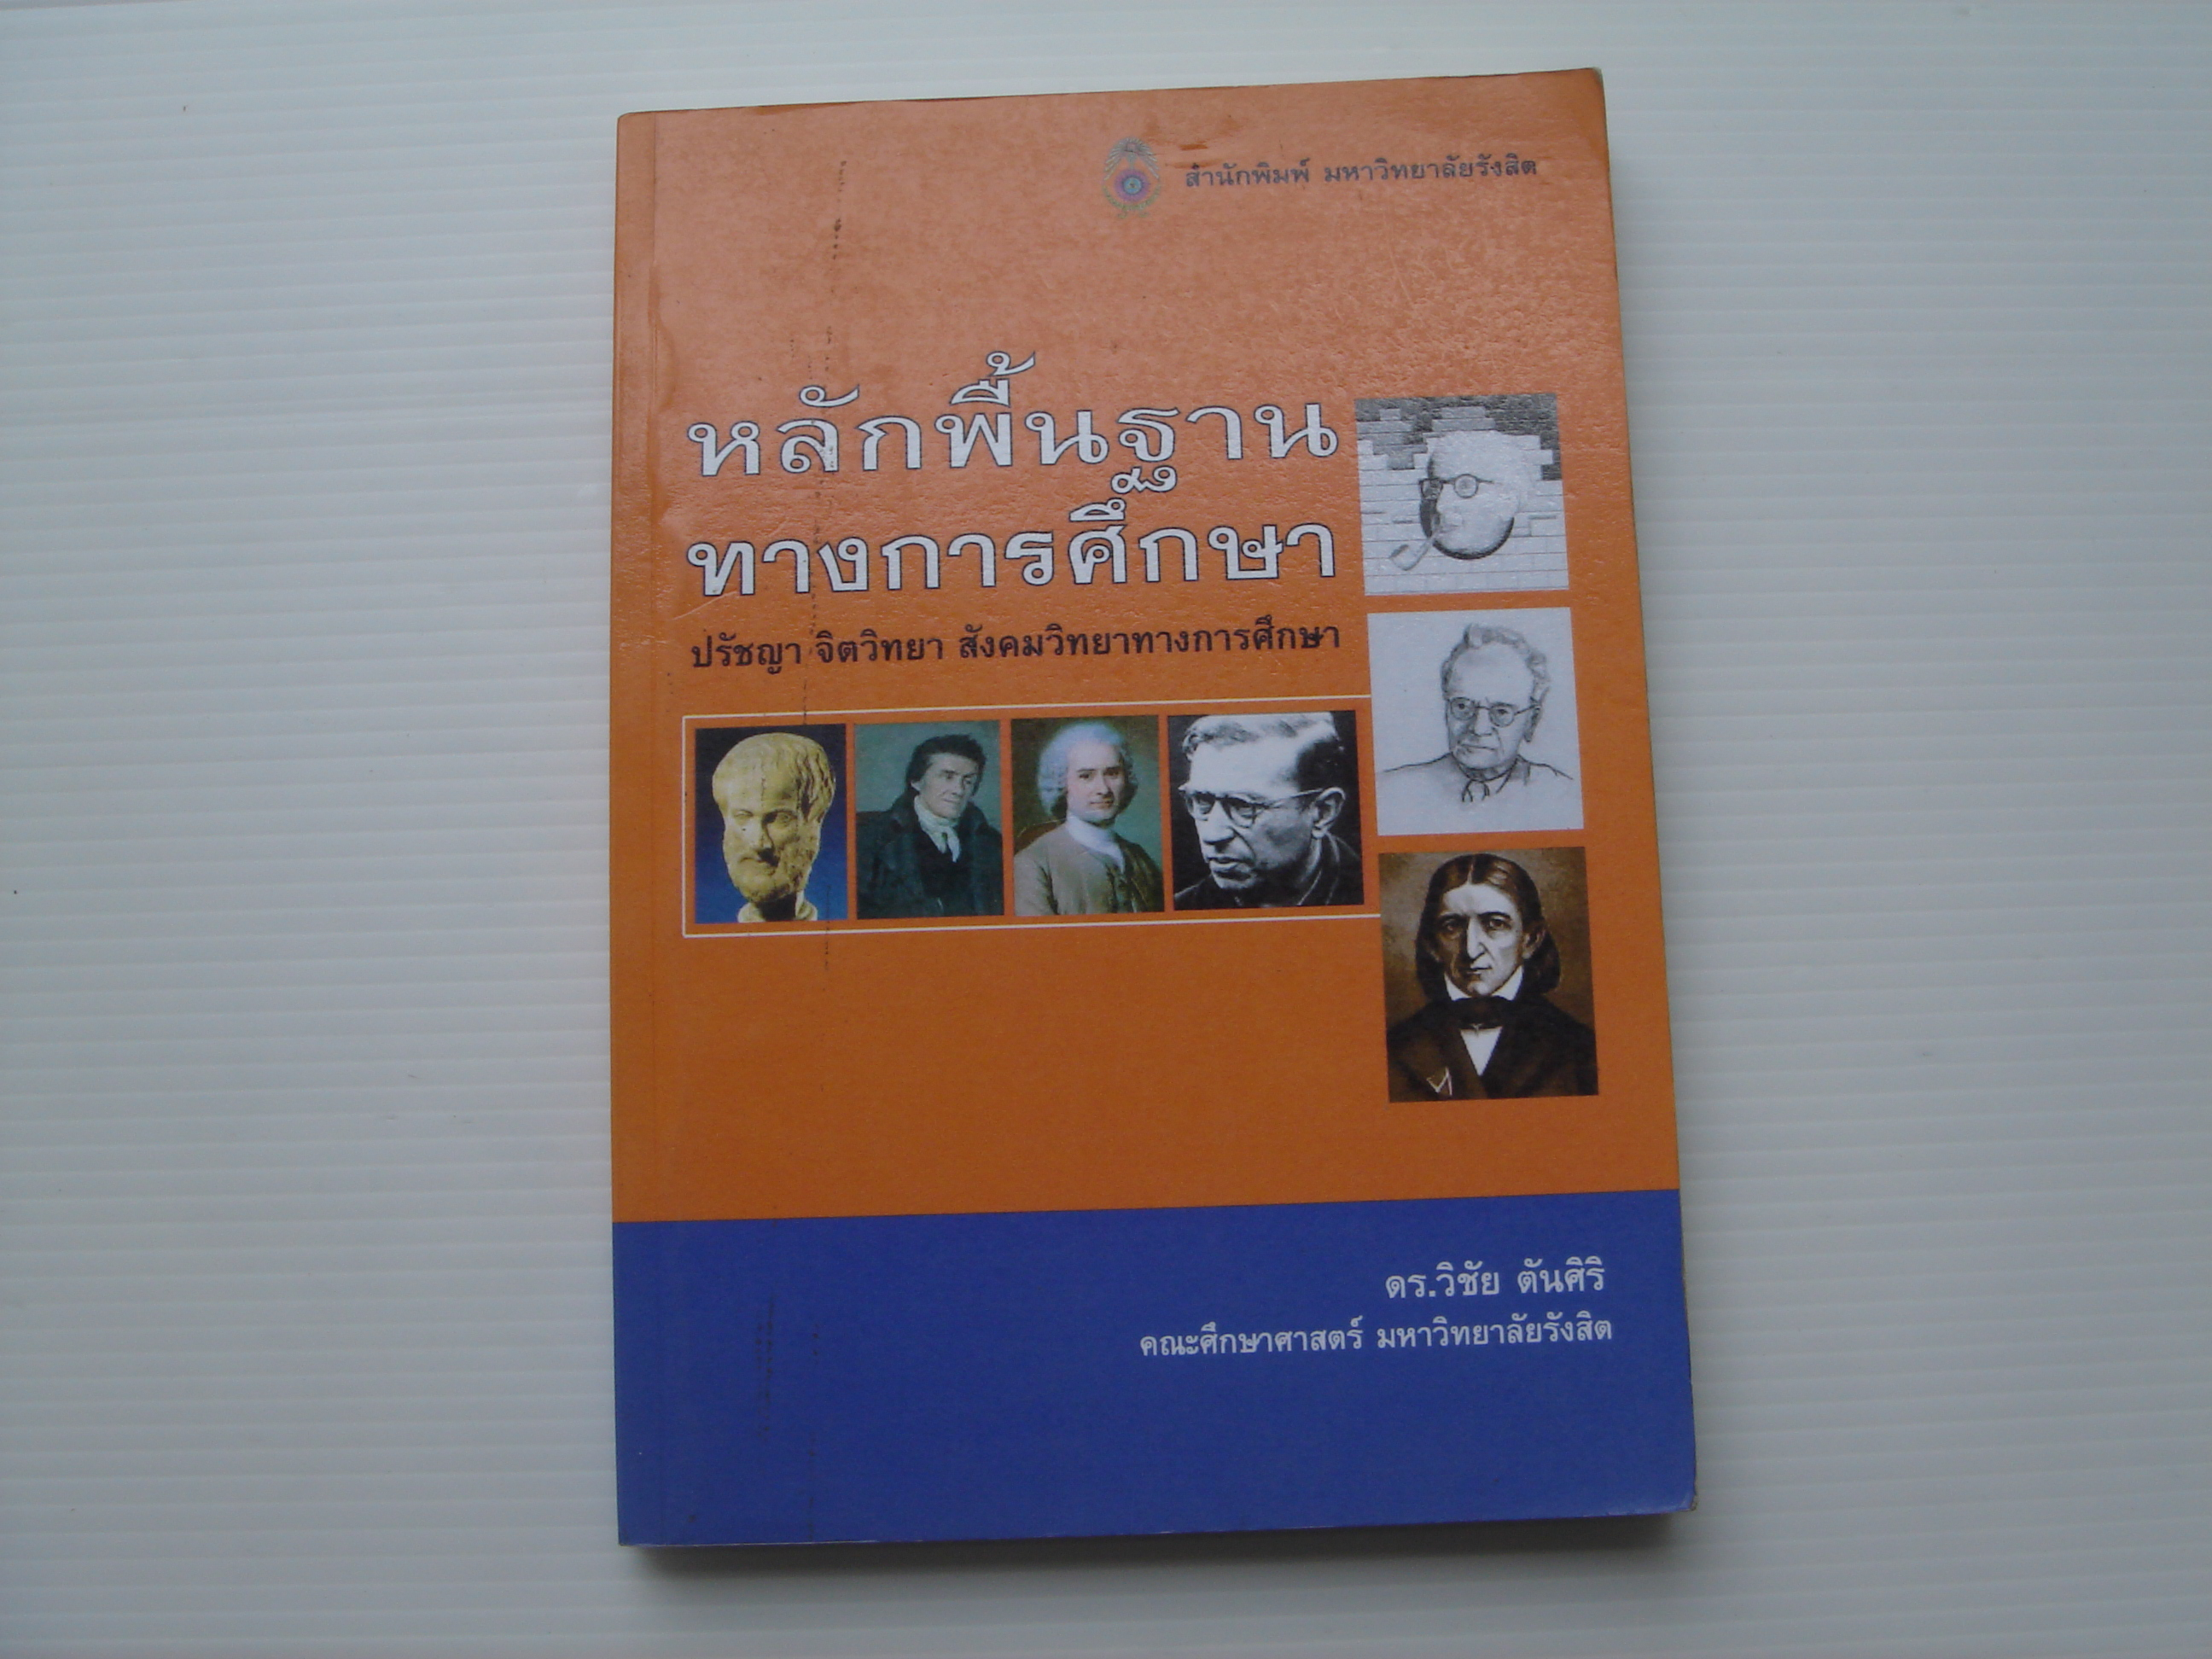 หลักพื้นฐานทางการศึกษา ปรัชญา จิตวิทยา สังคมวิทยาทางการศึกษา